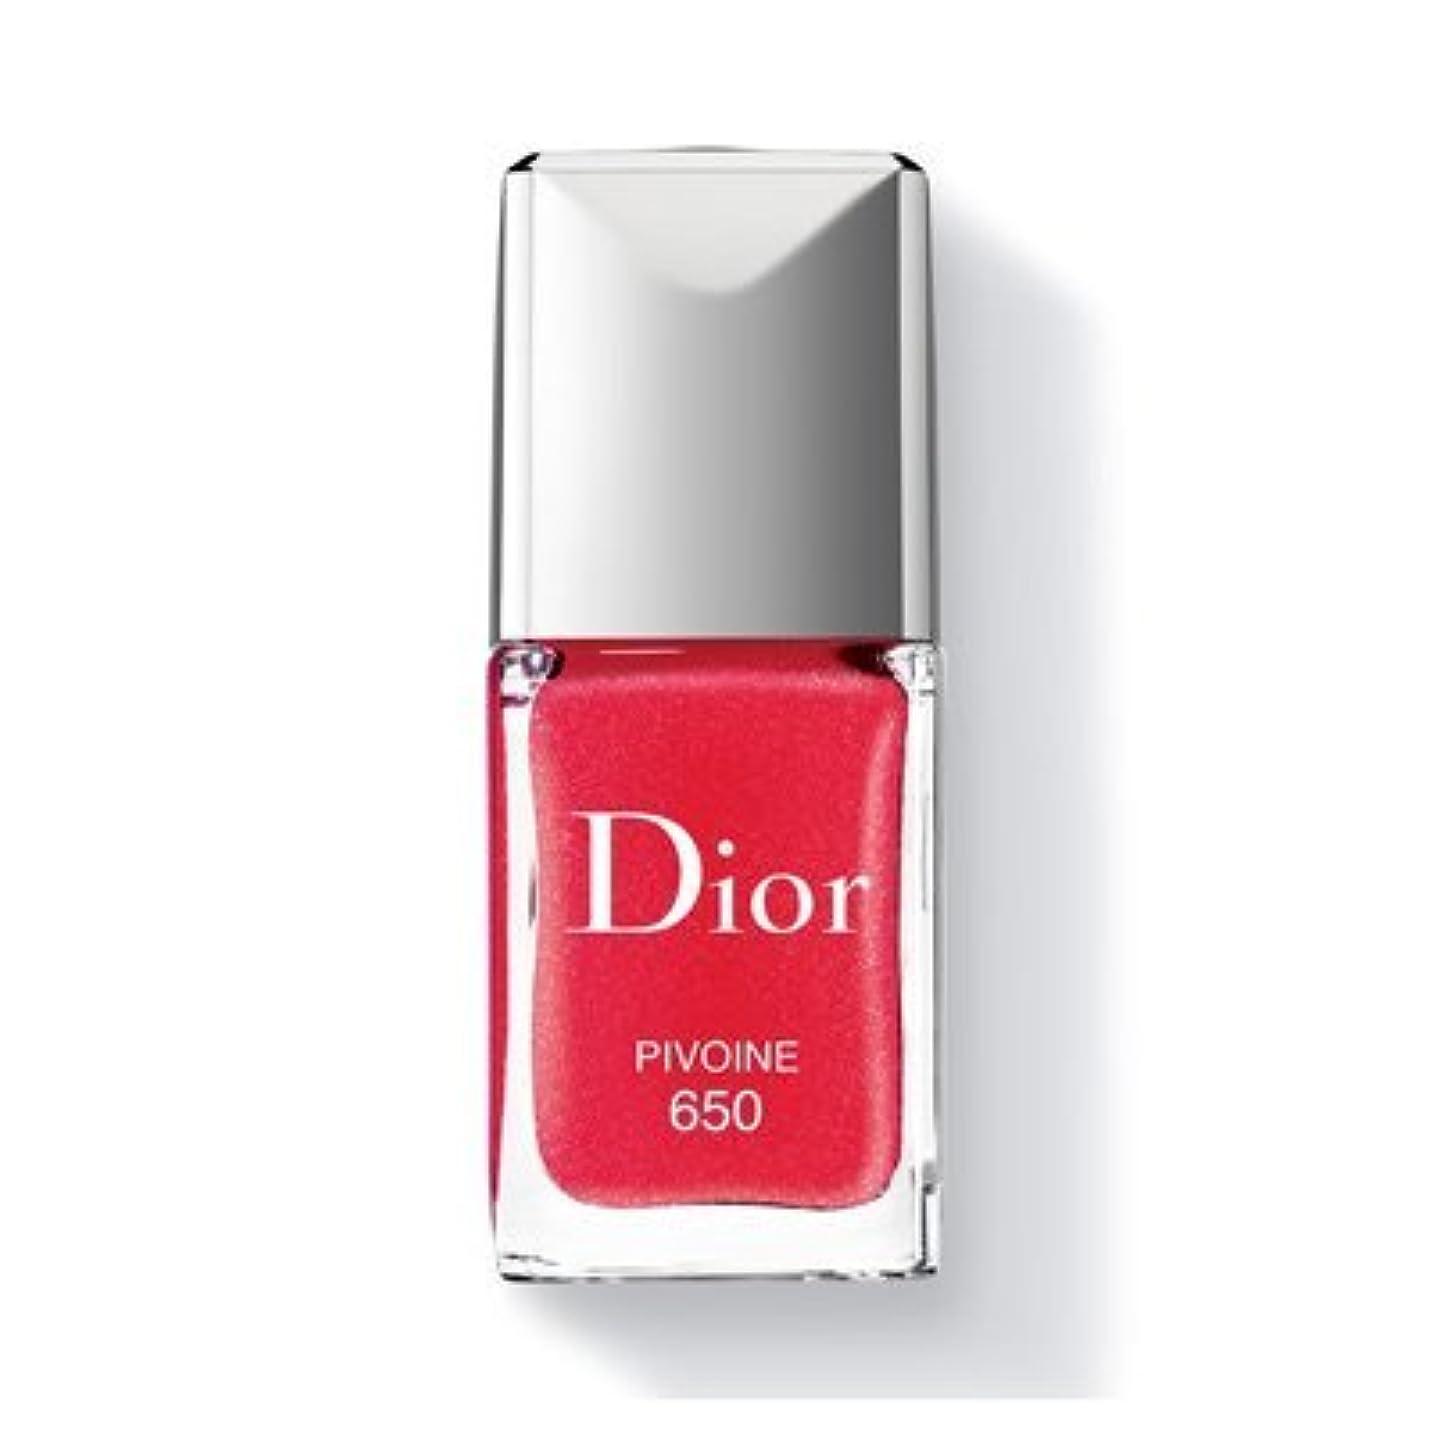 計画ロデオ愛Christian Dior クリスチャン ディオール ディオール ヴェルニ #650 PIVOINE 10ml [並行輸入品]